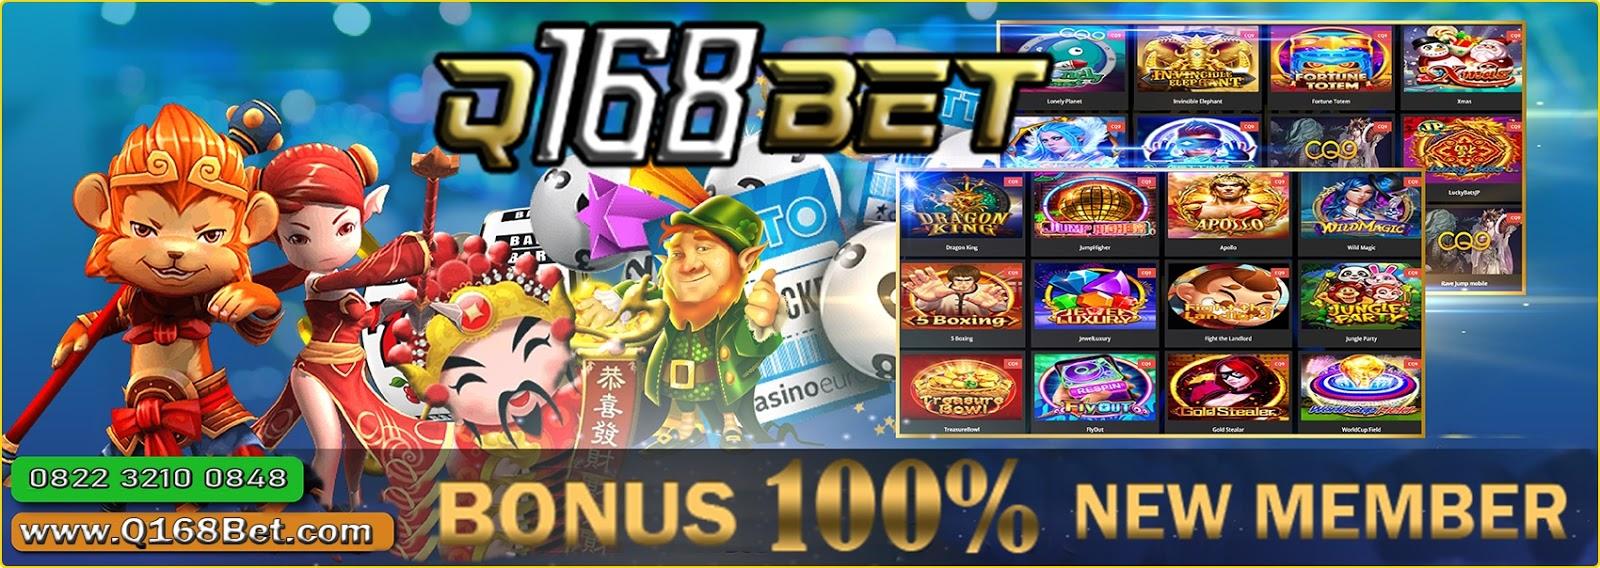 Bonus Member Baru 100 Q168bet Cara Terbaru Mudah Menang Slot Online 2020